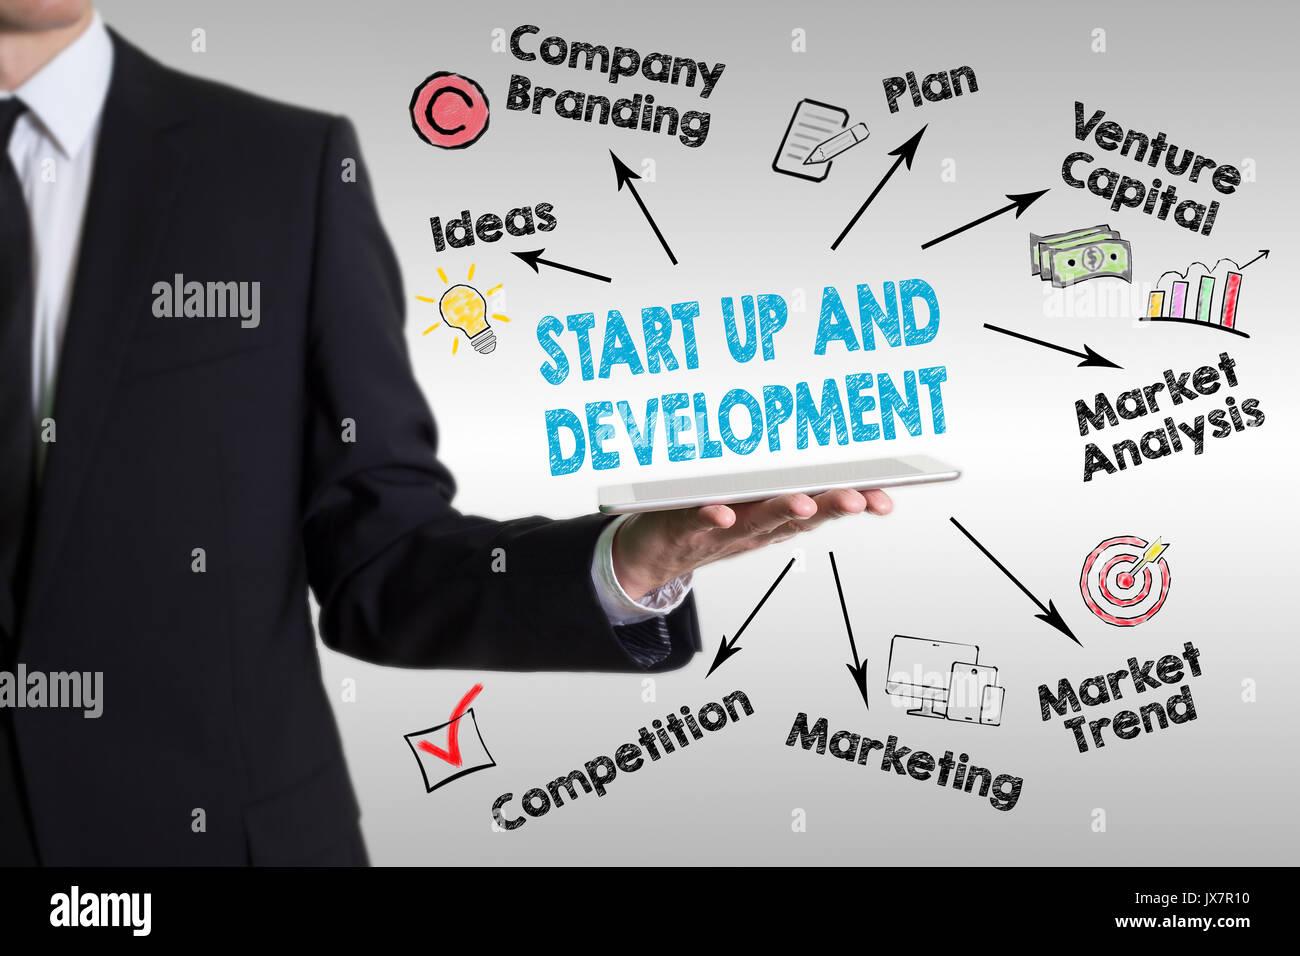 Die Entwicklung Konzept und Starten. Mann hält einen Tablet-PC. Stockbild